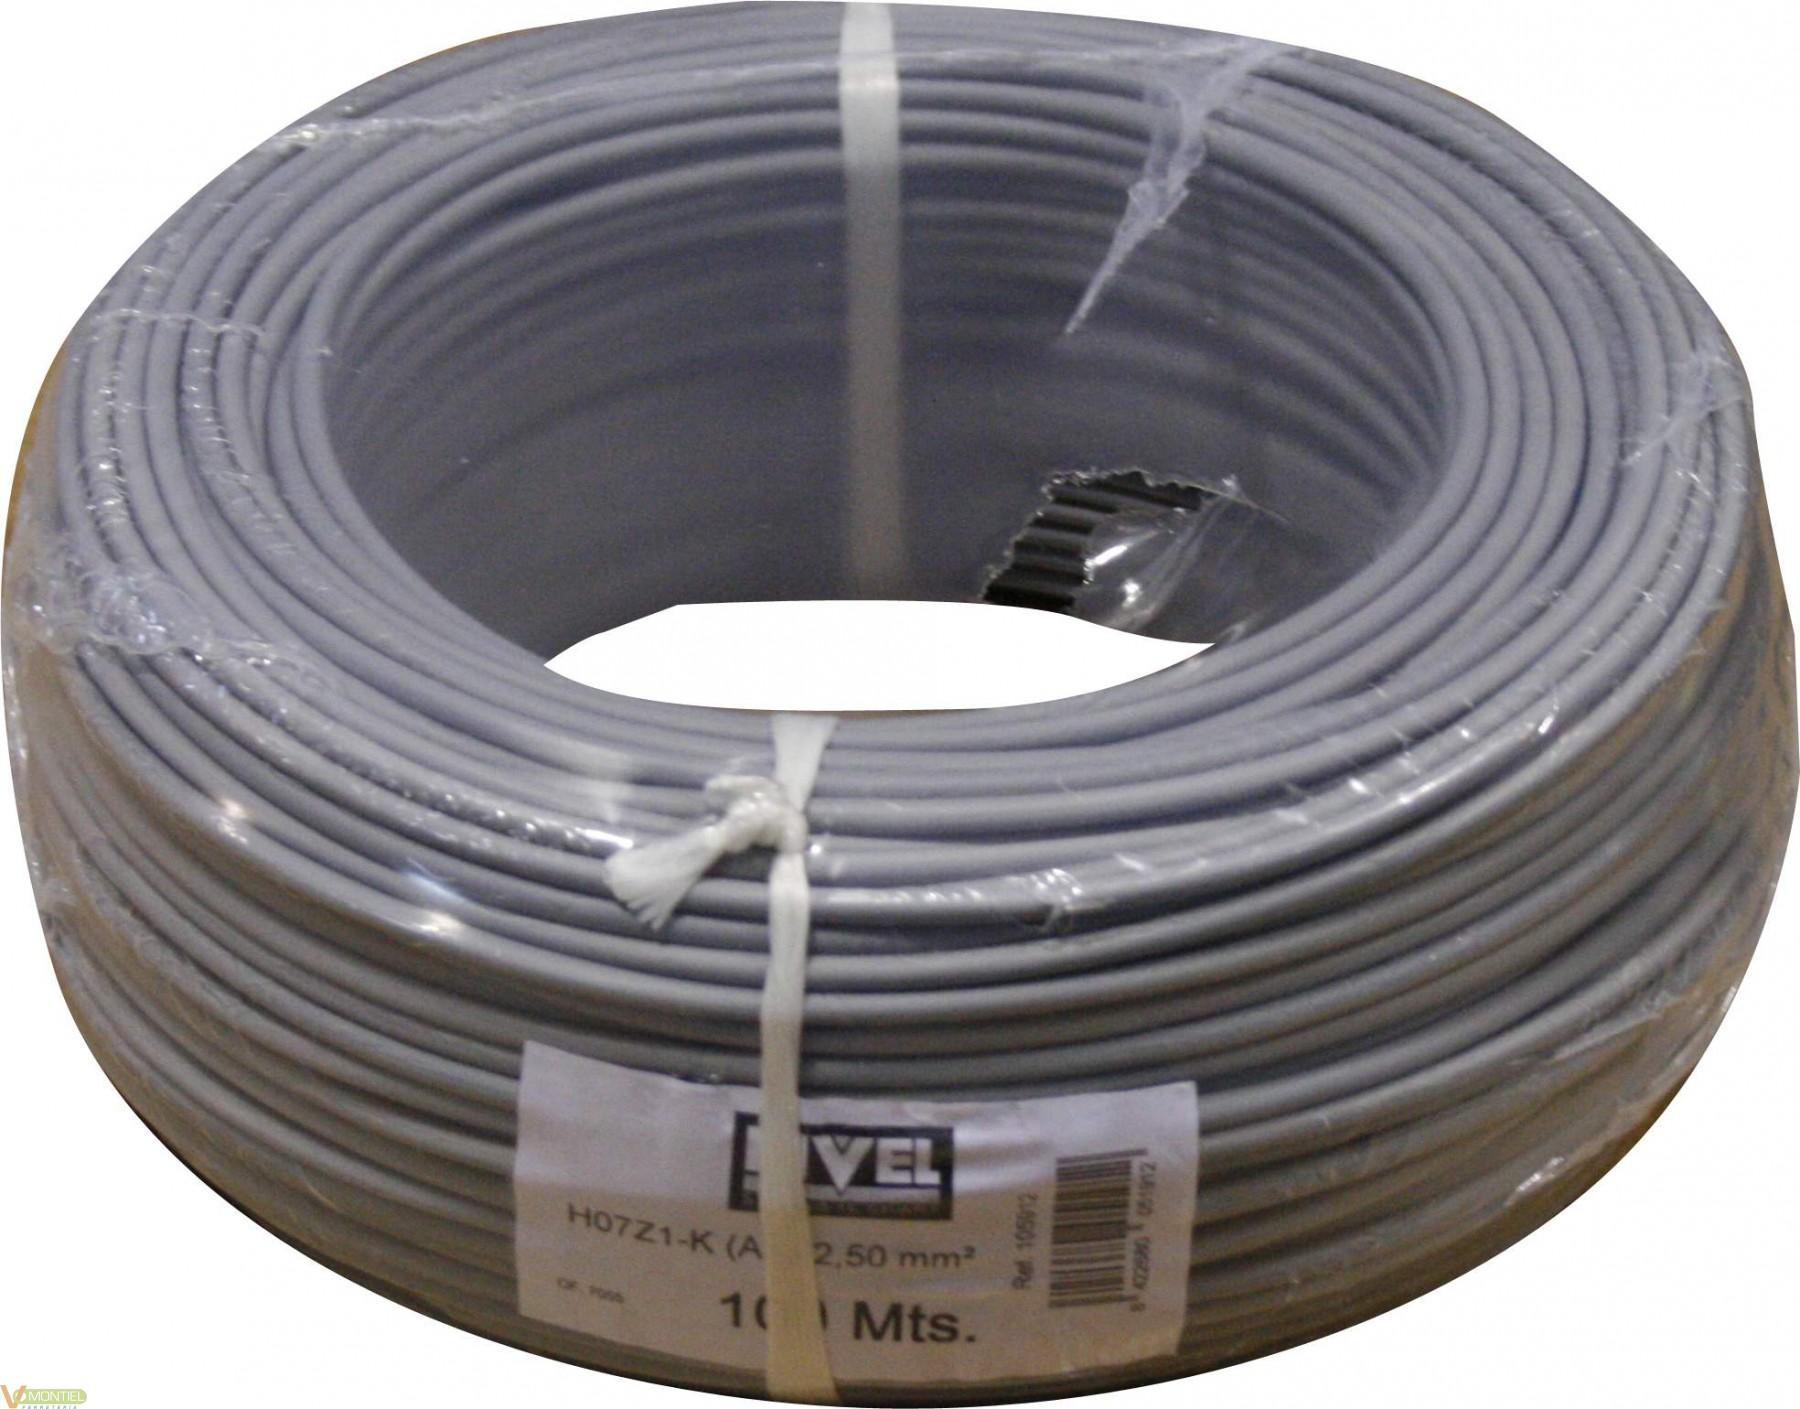 Cable hilo flexible 2,5mm 100-0